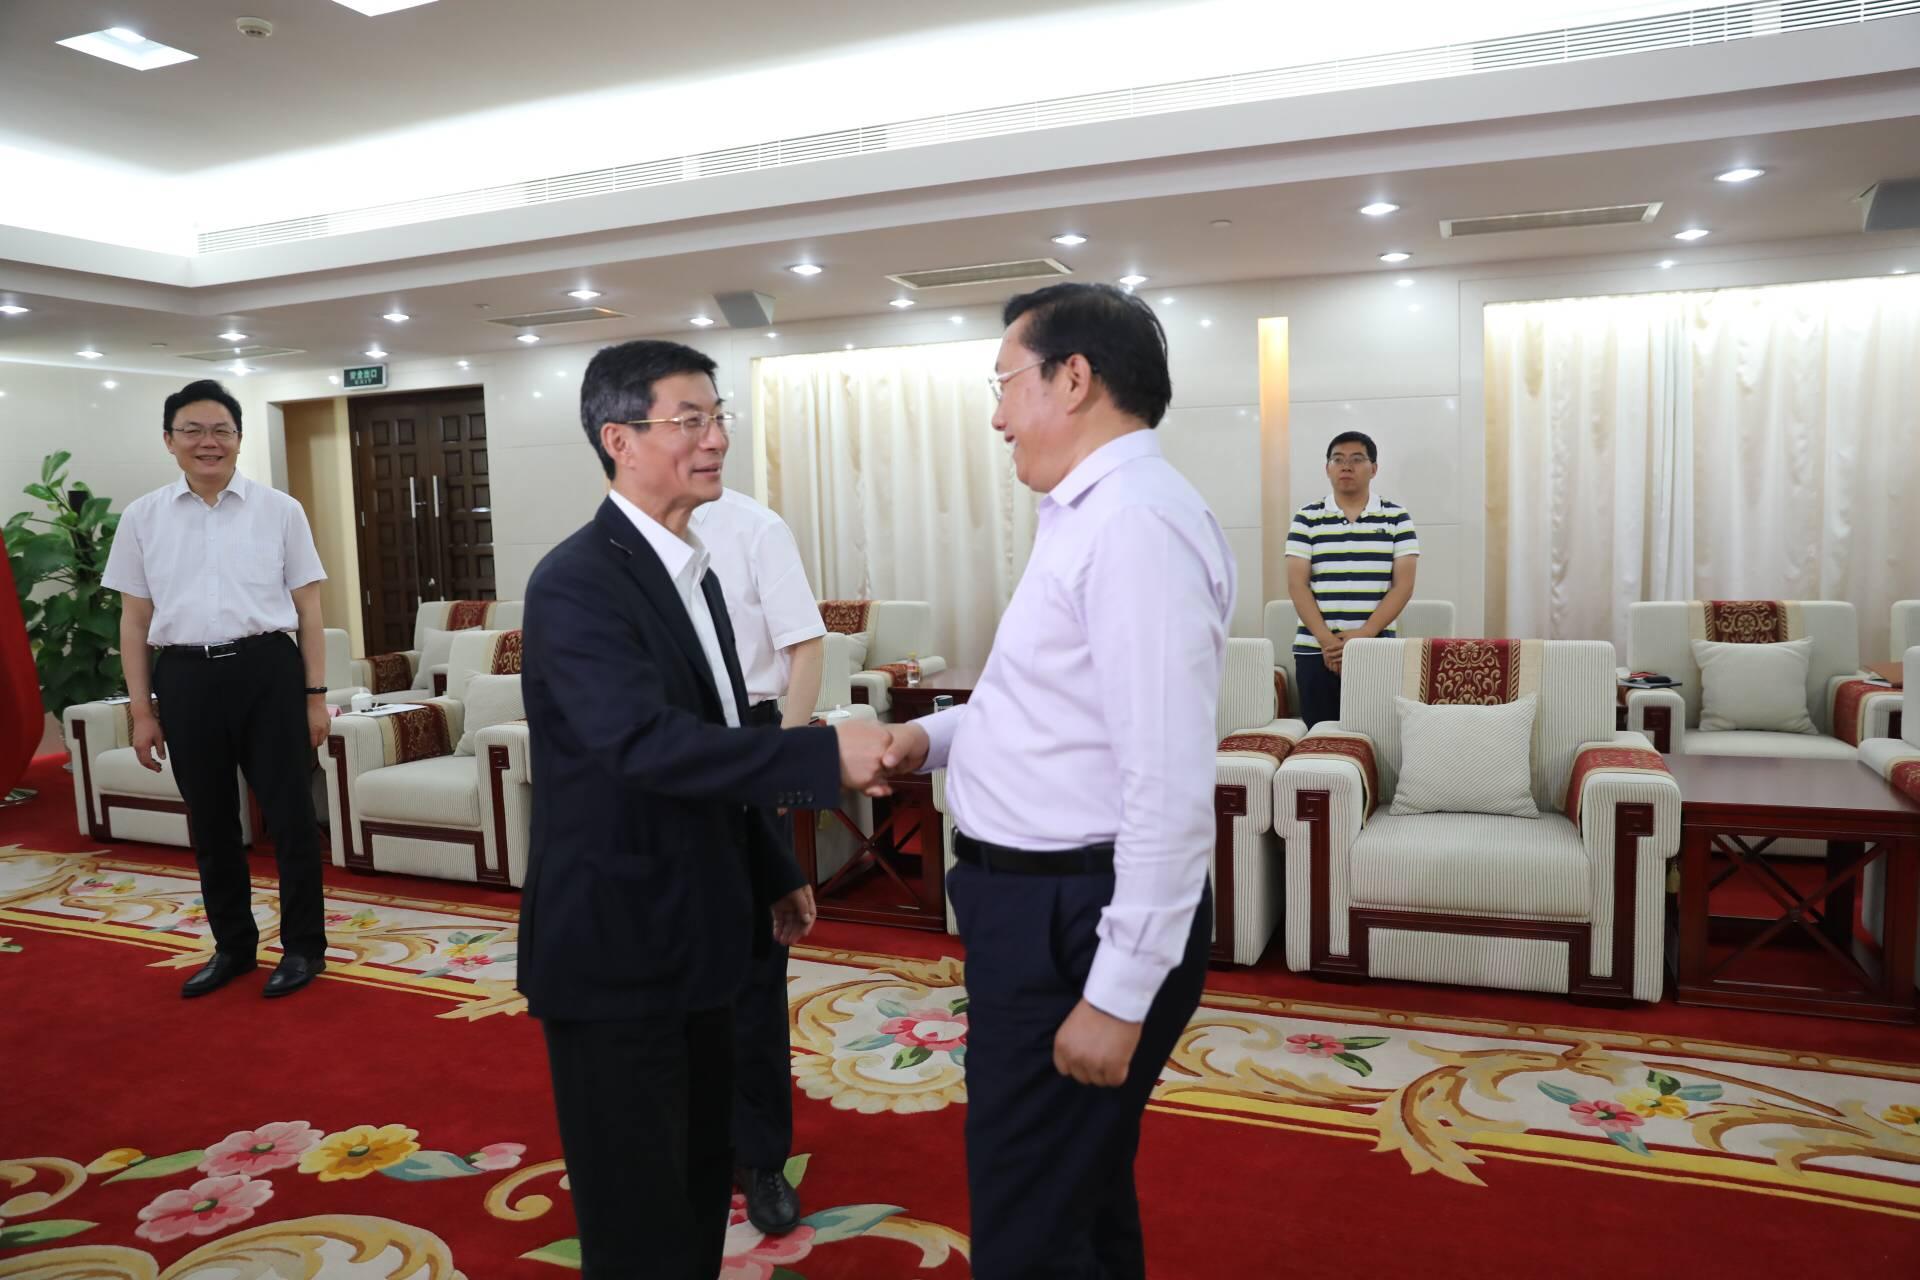 王忠林会见新华社副社长刘正荣